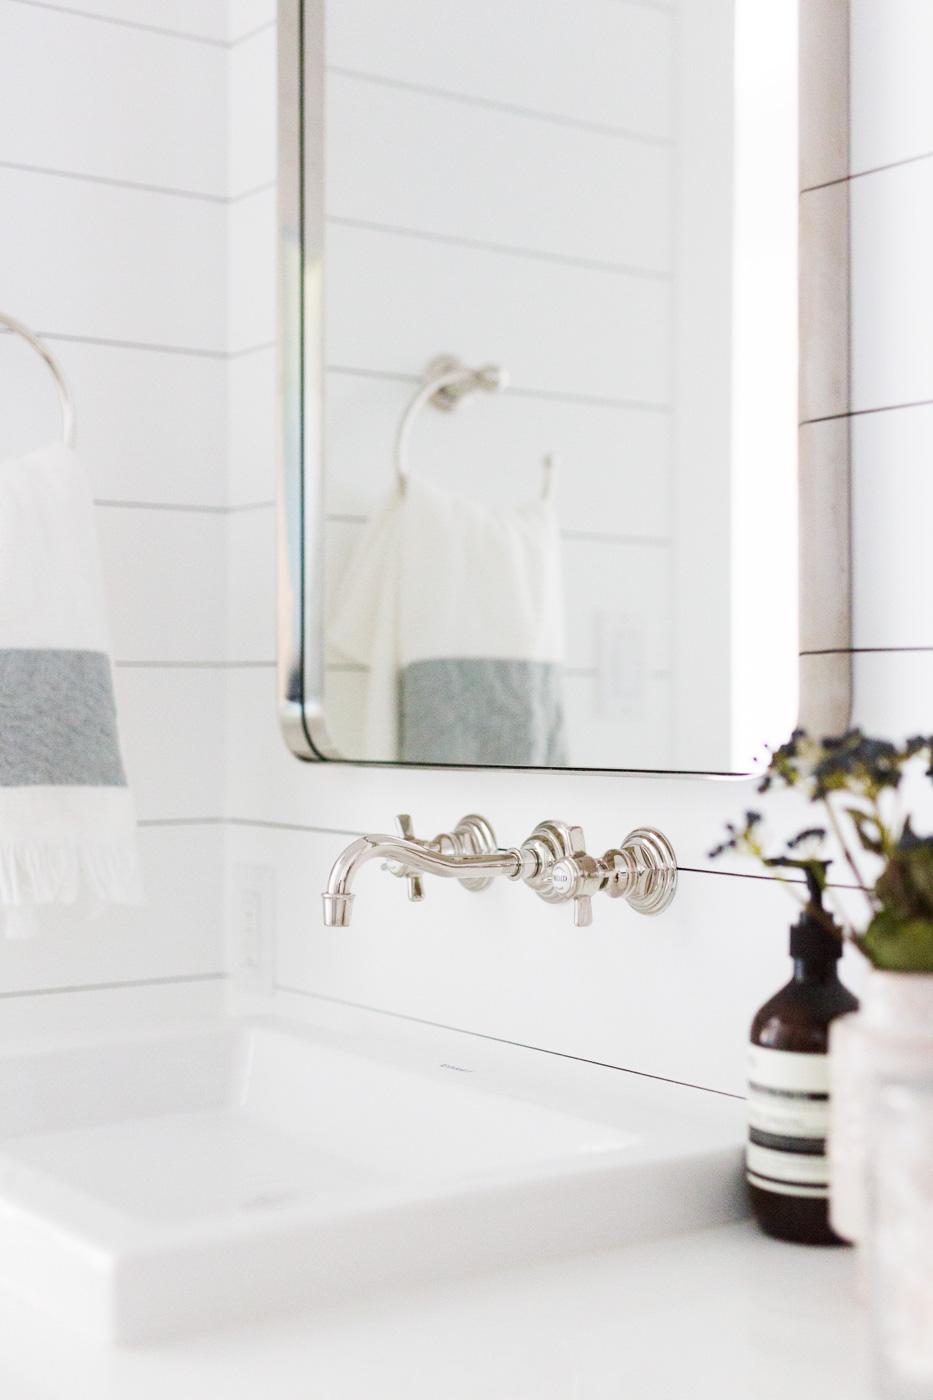 Mirror on wall against white tiled backsplash